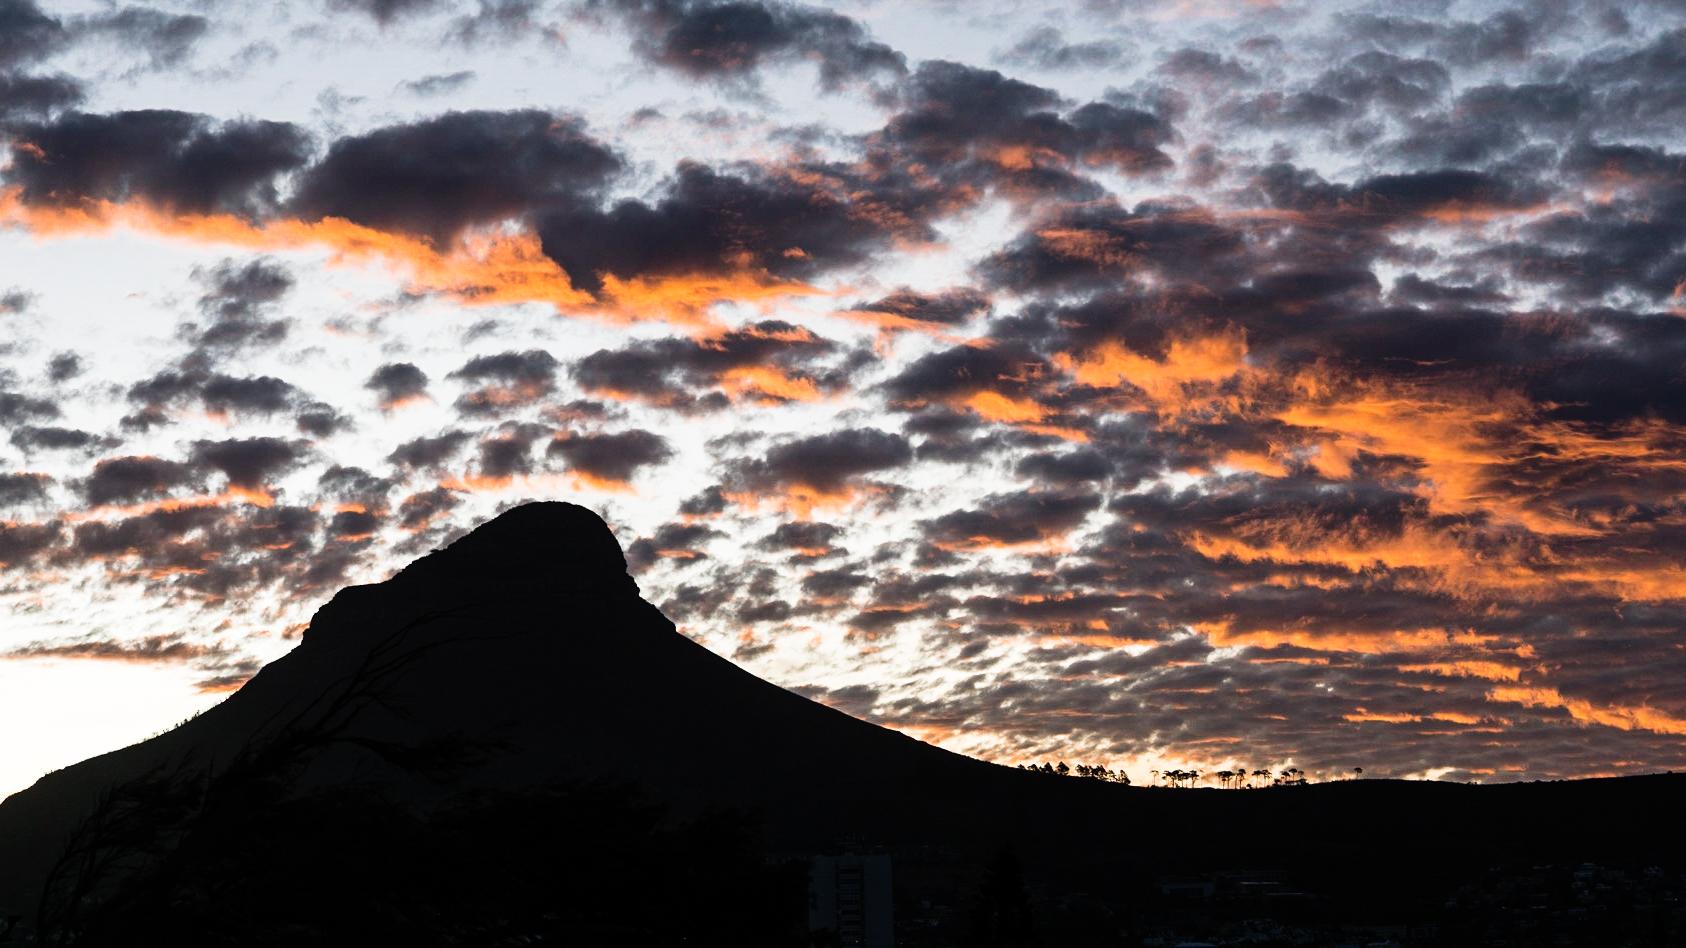 Cloudspeicher: Alles in der Wolke